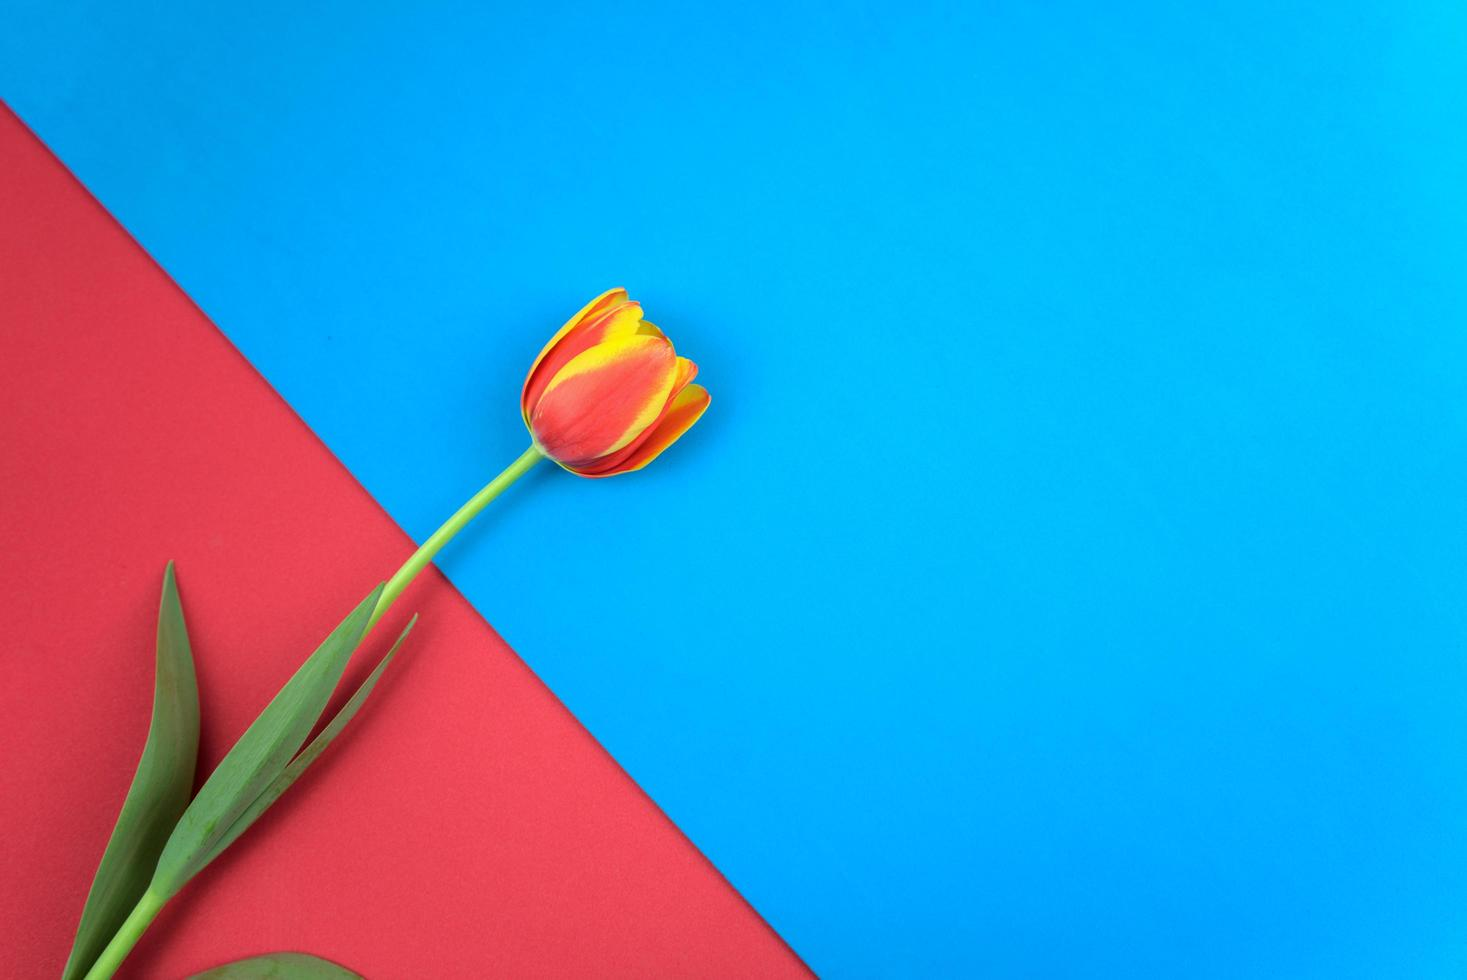 Rouge magenta, tulipe de couleur piment chaud plat poser sur vintage rouge et bleu clair couleurs parallèles texture abstraite fond de papier photo